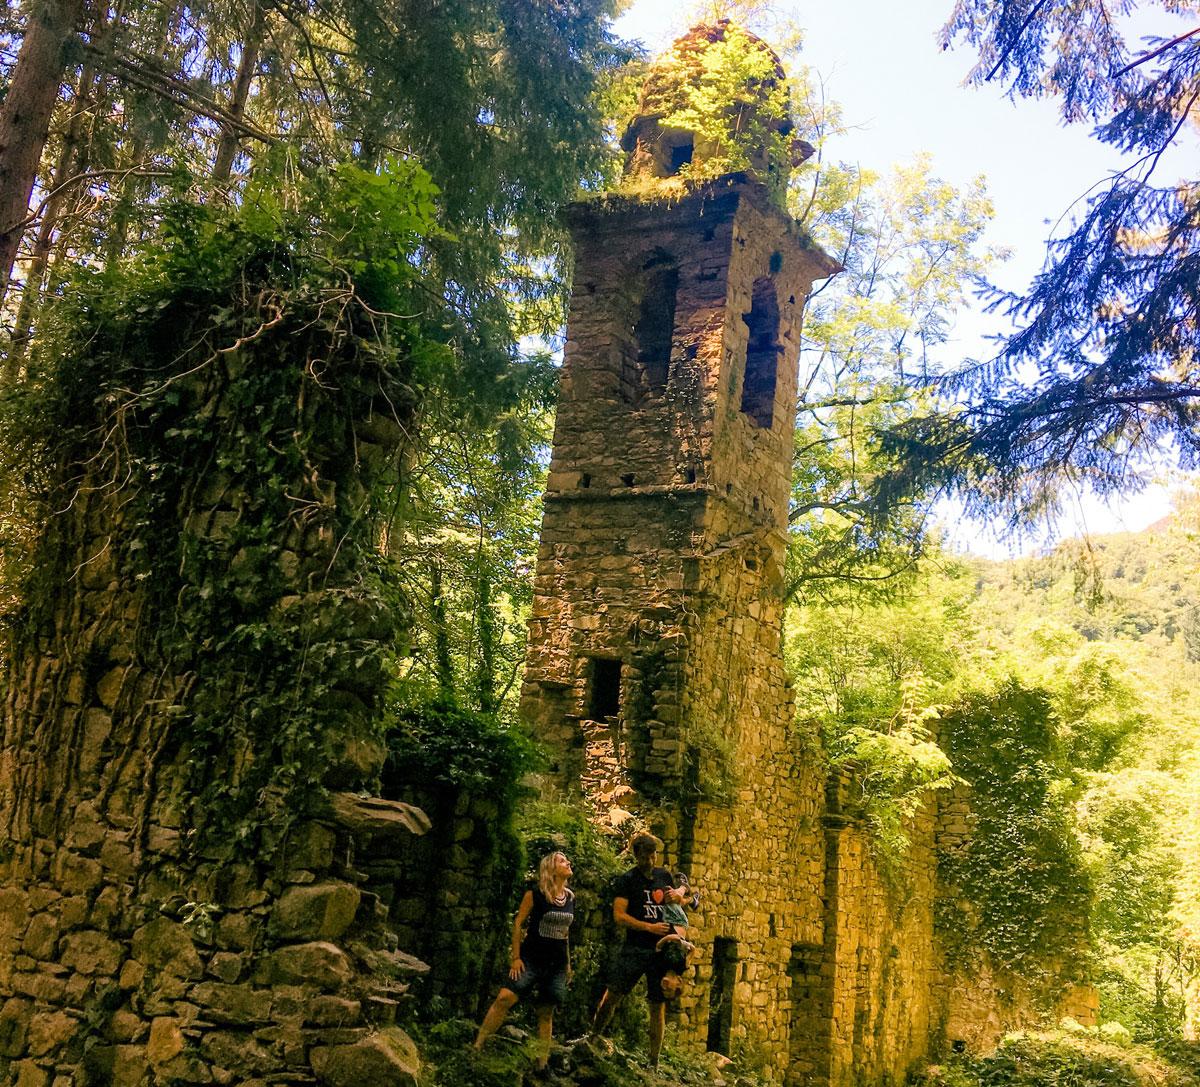 sopralacroce chiesa nel bosco val d'aveto